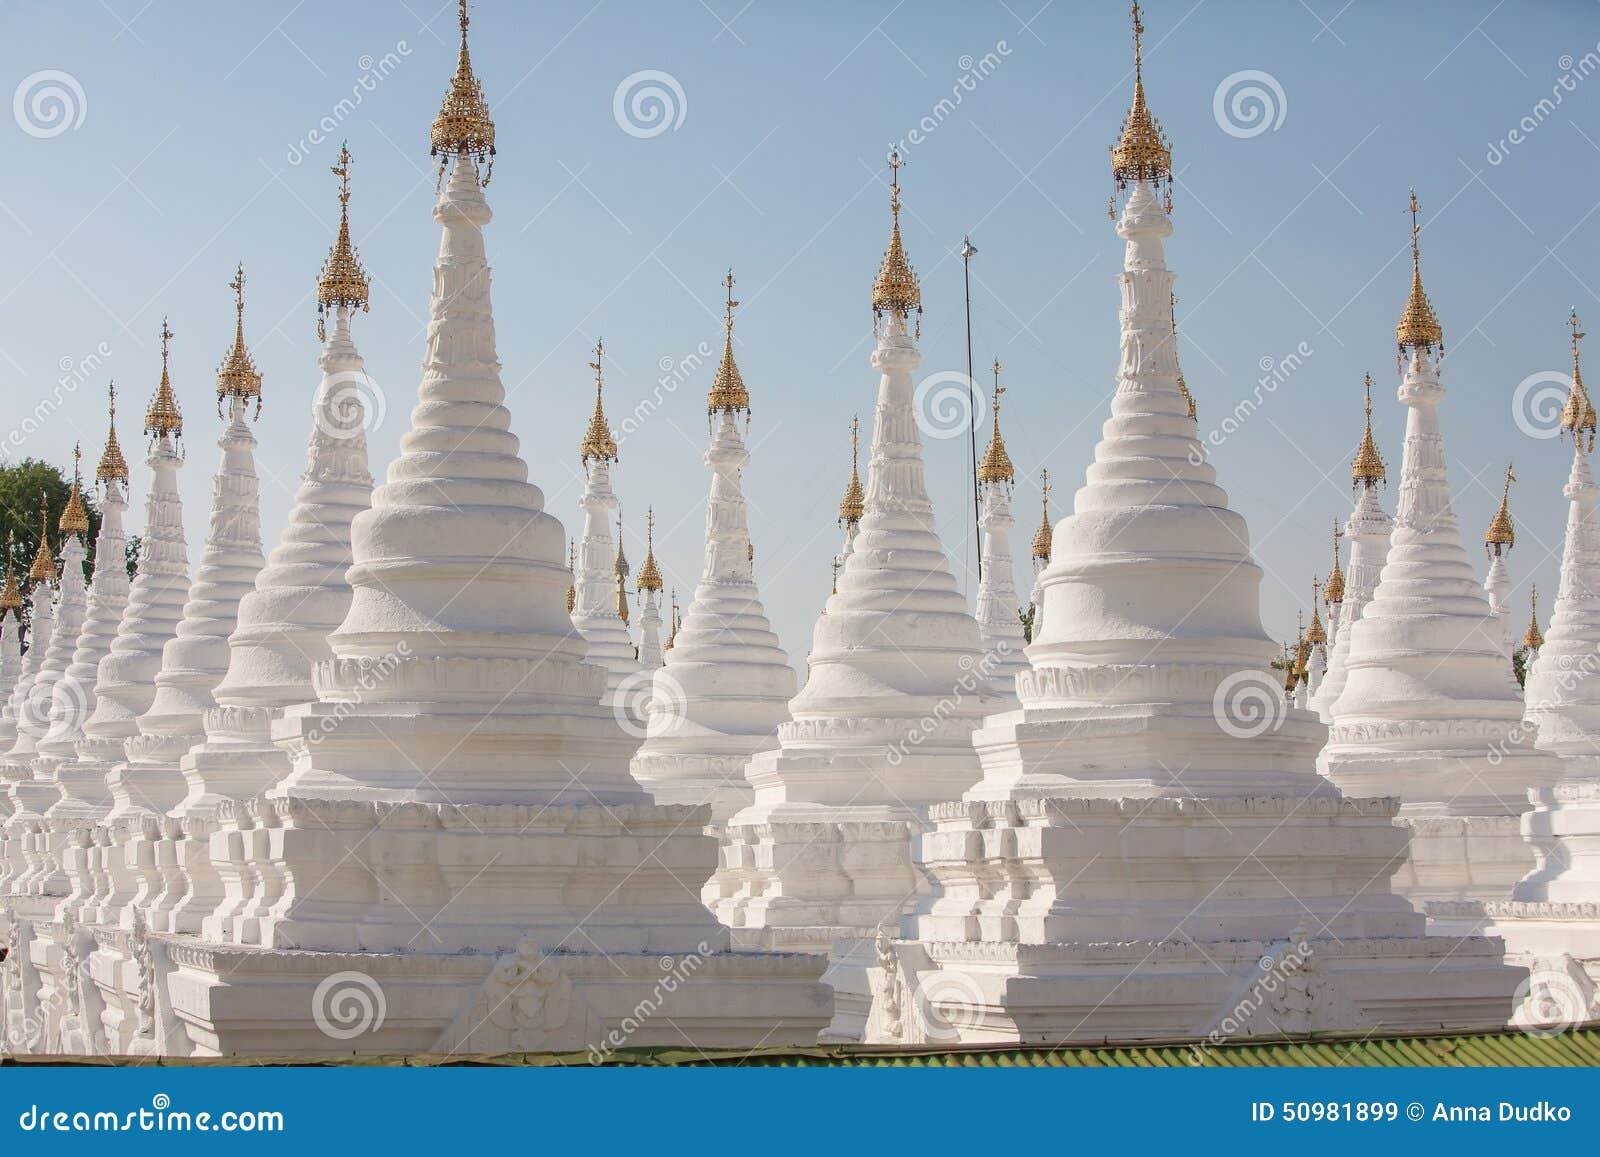 Le Plus Grand Livre Du Monde Image Stock Image Du Blanc